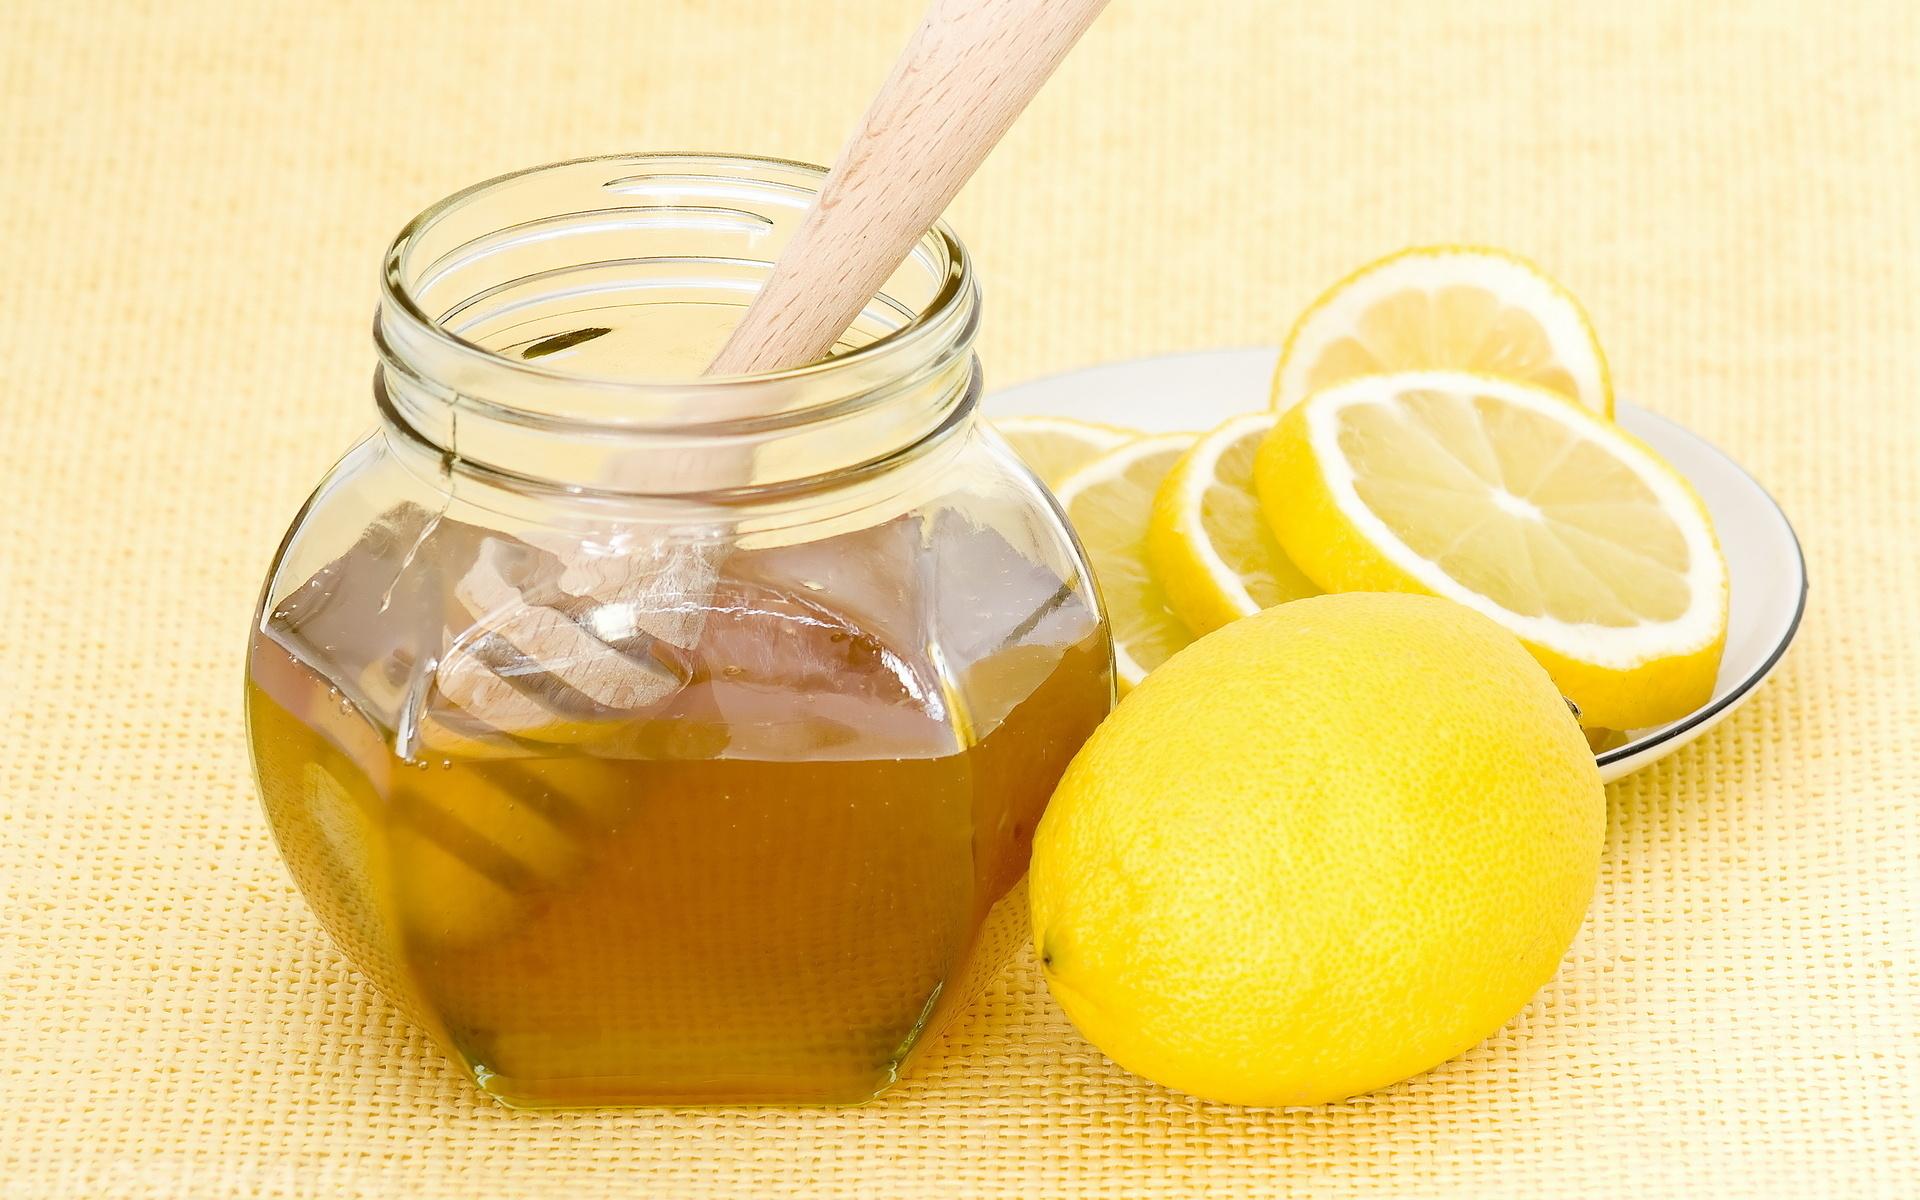 Банка мёда и нарезанный лимон на блюдце